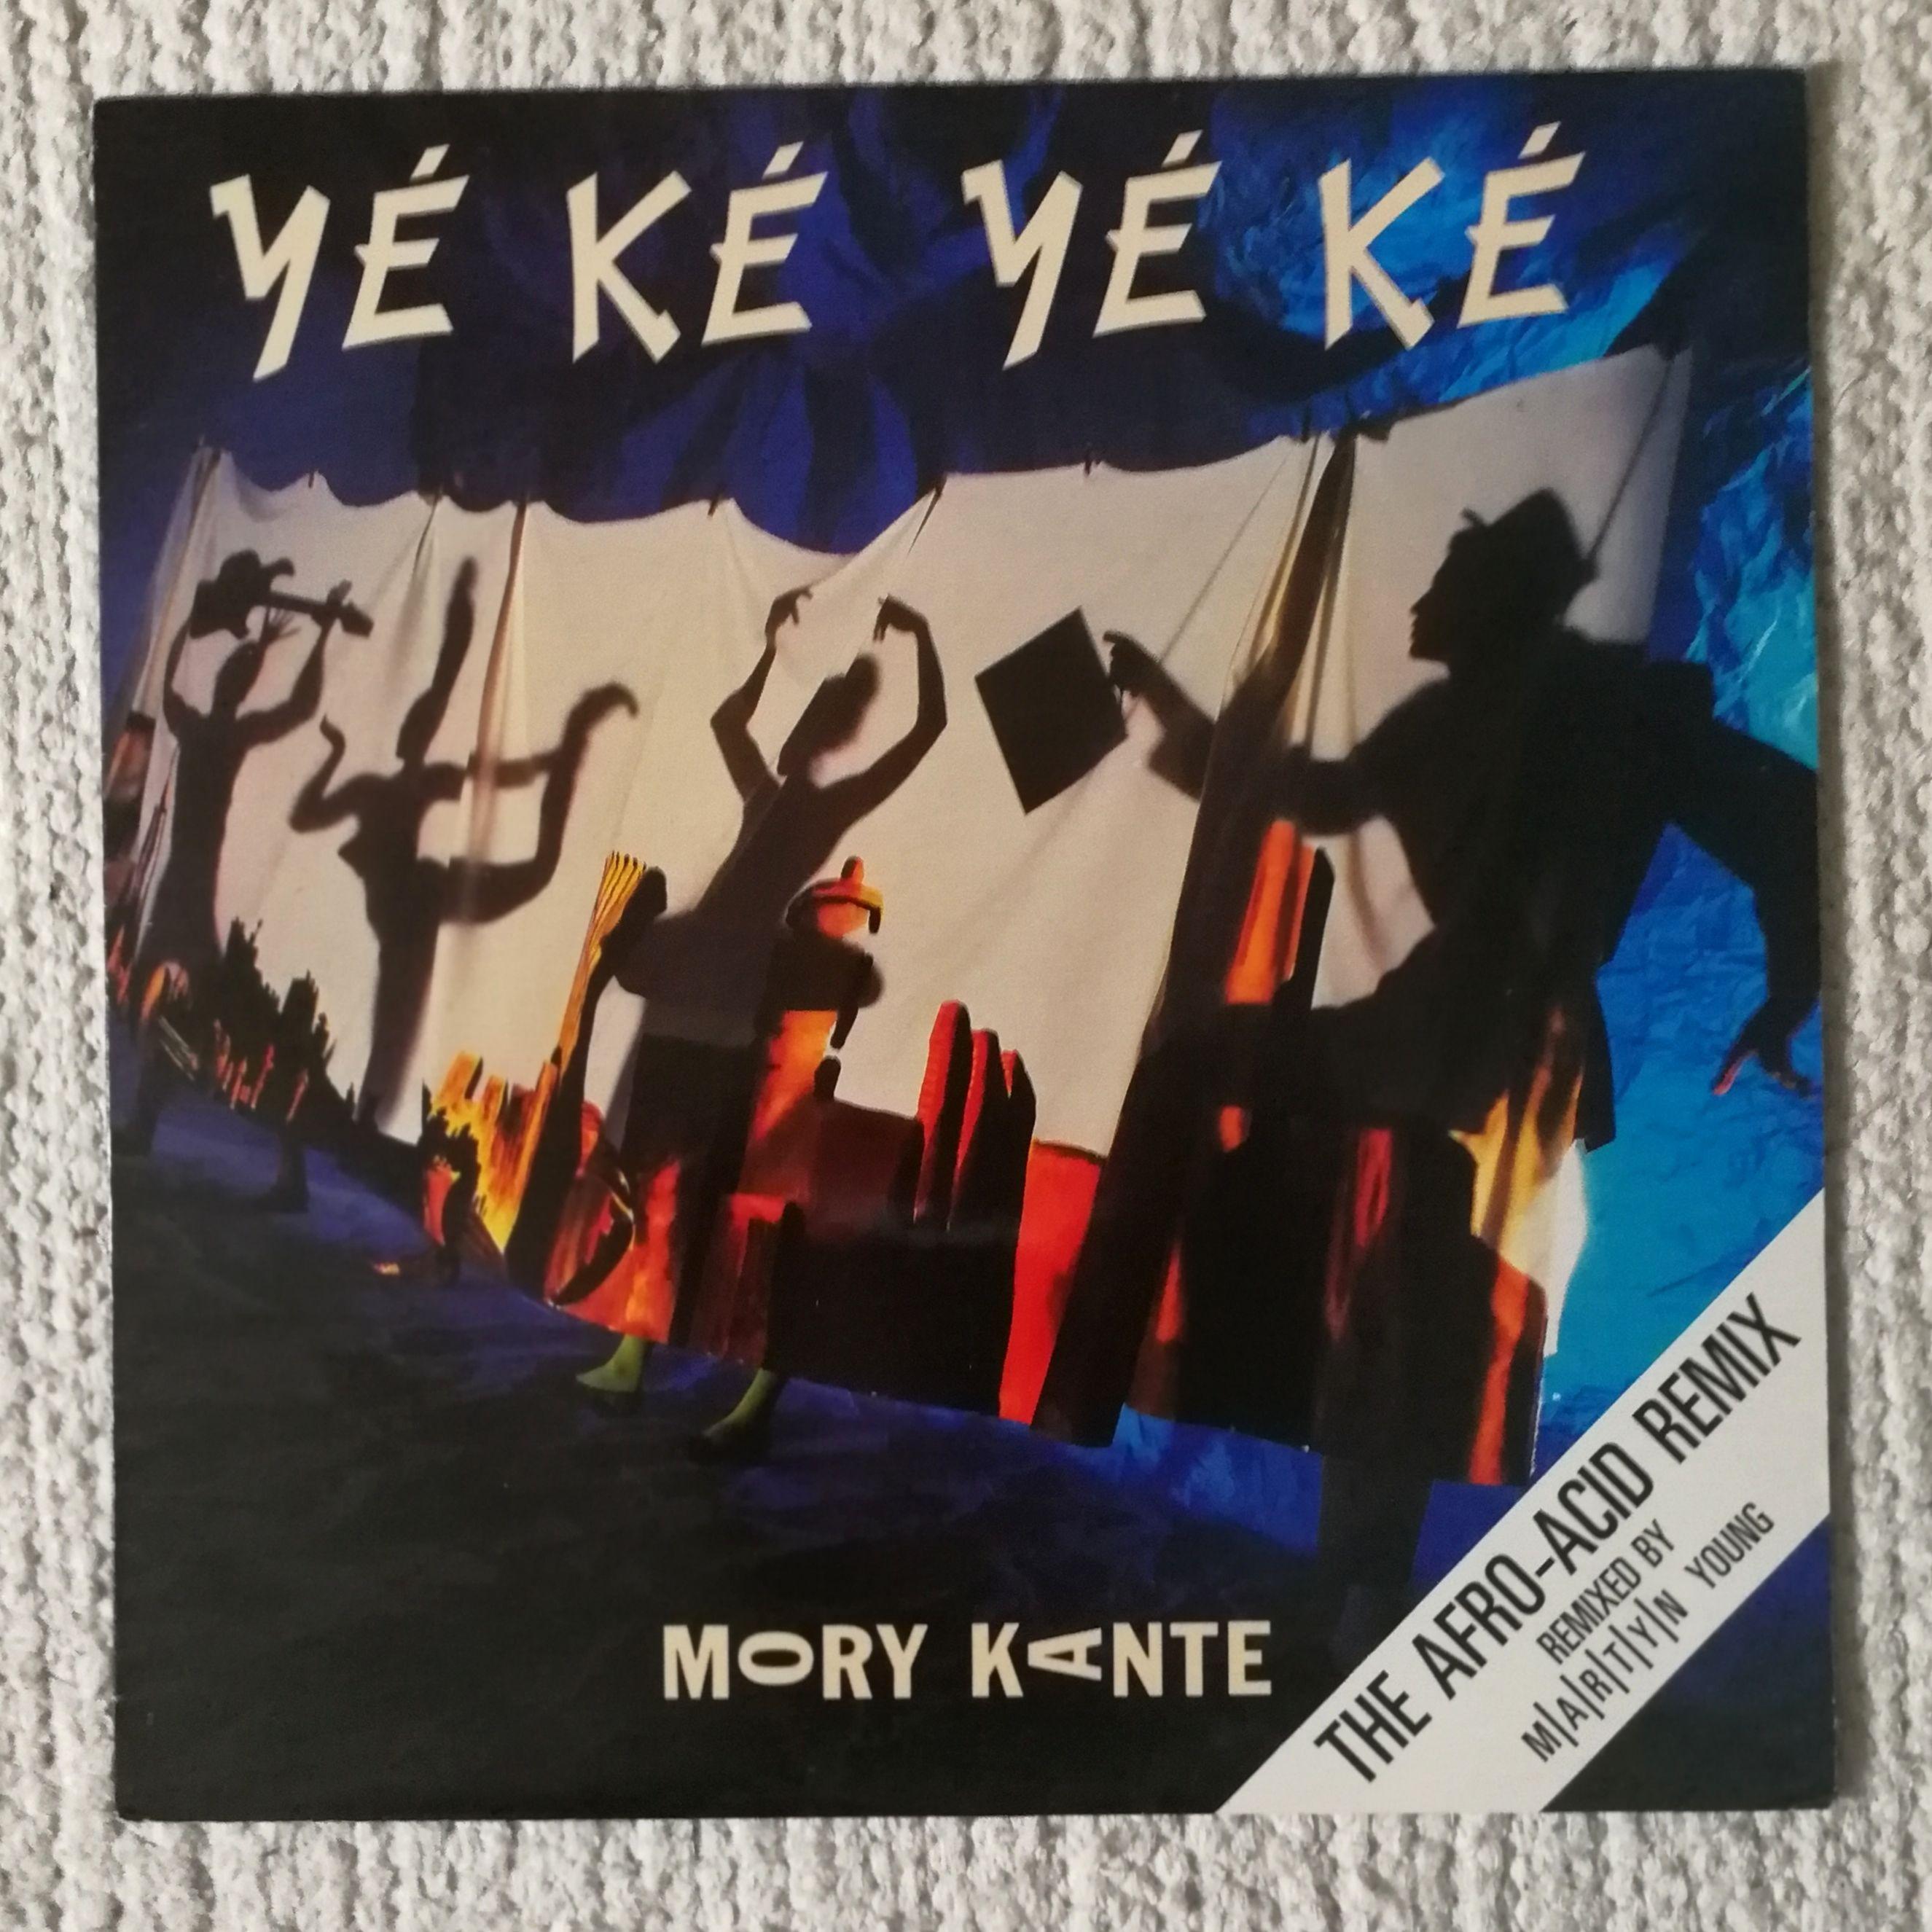 Mory Kante Yé Ké Yé Ké 12''The Afro-Acid Remix LP undefined